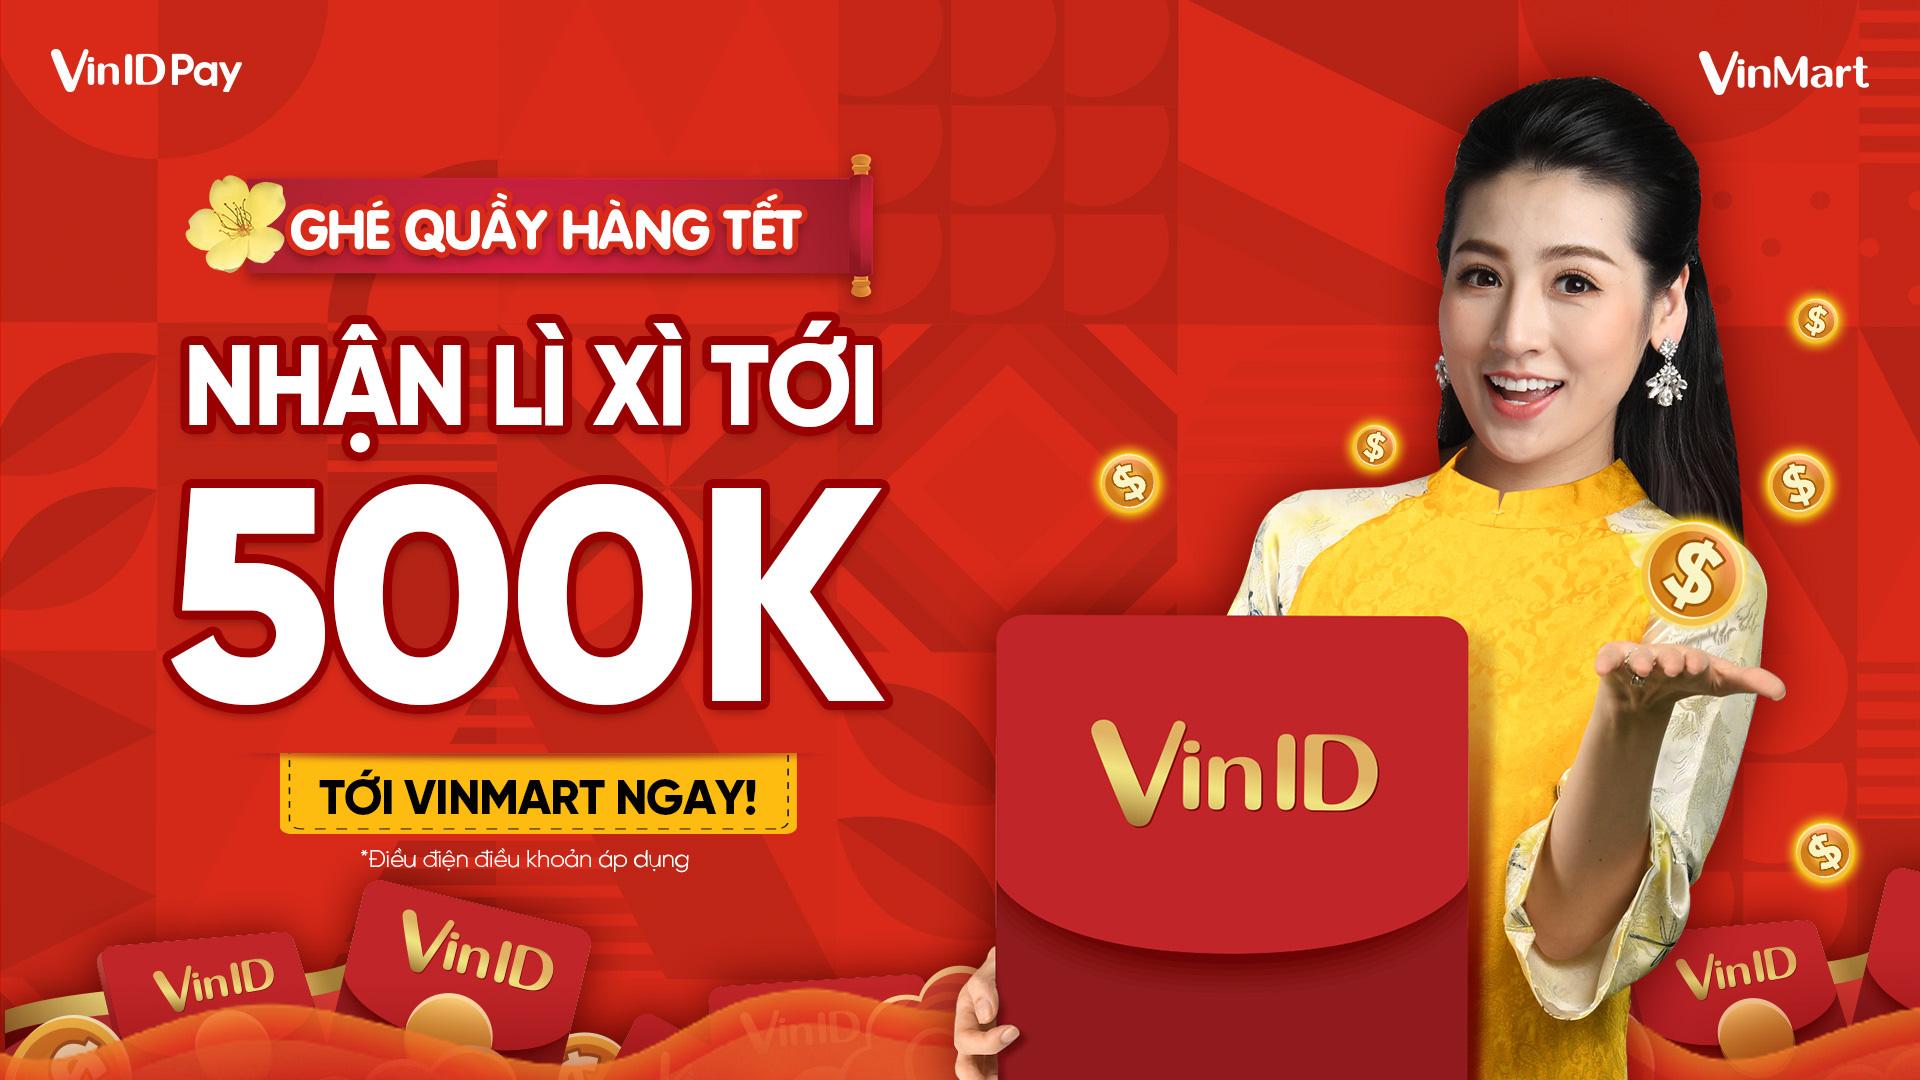 Đến VinMart sắm Tết, nhận lì xì tới 500.000 đồng - Ảnh 1.